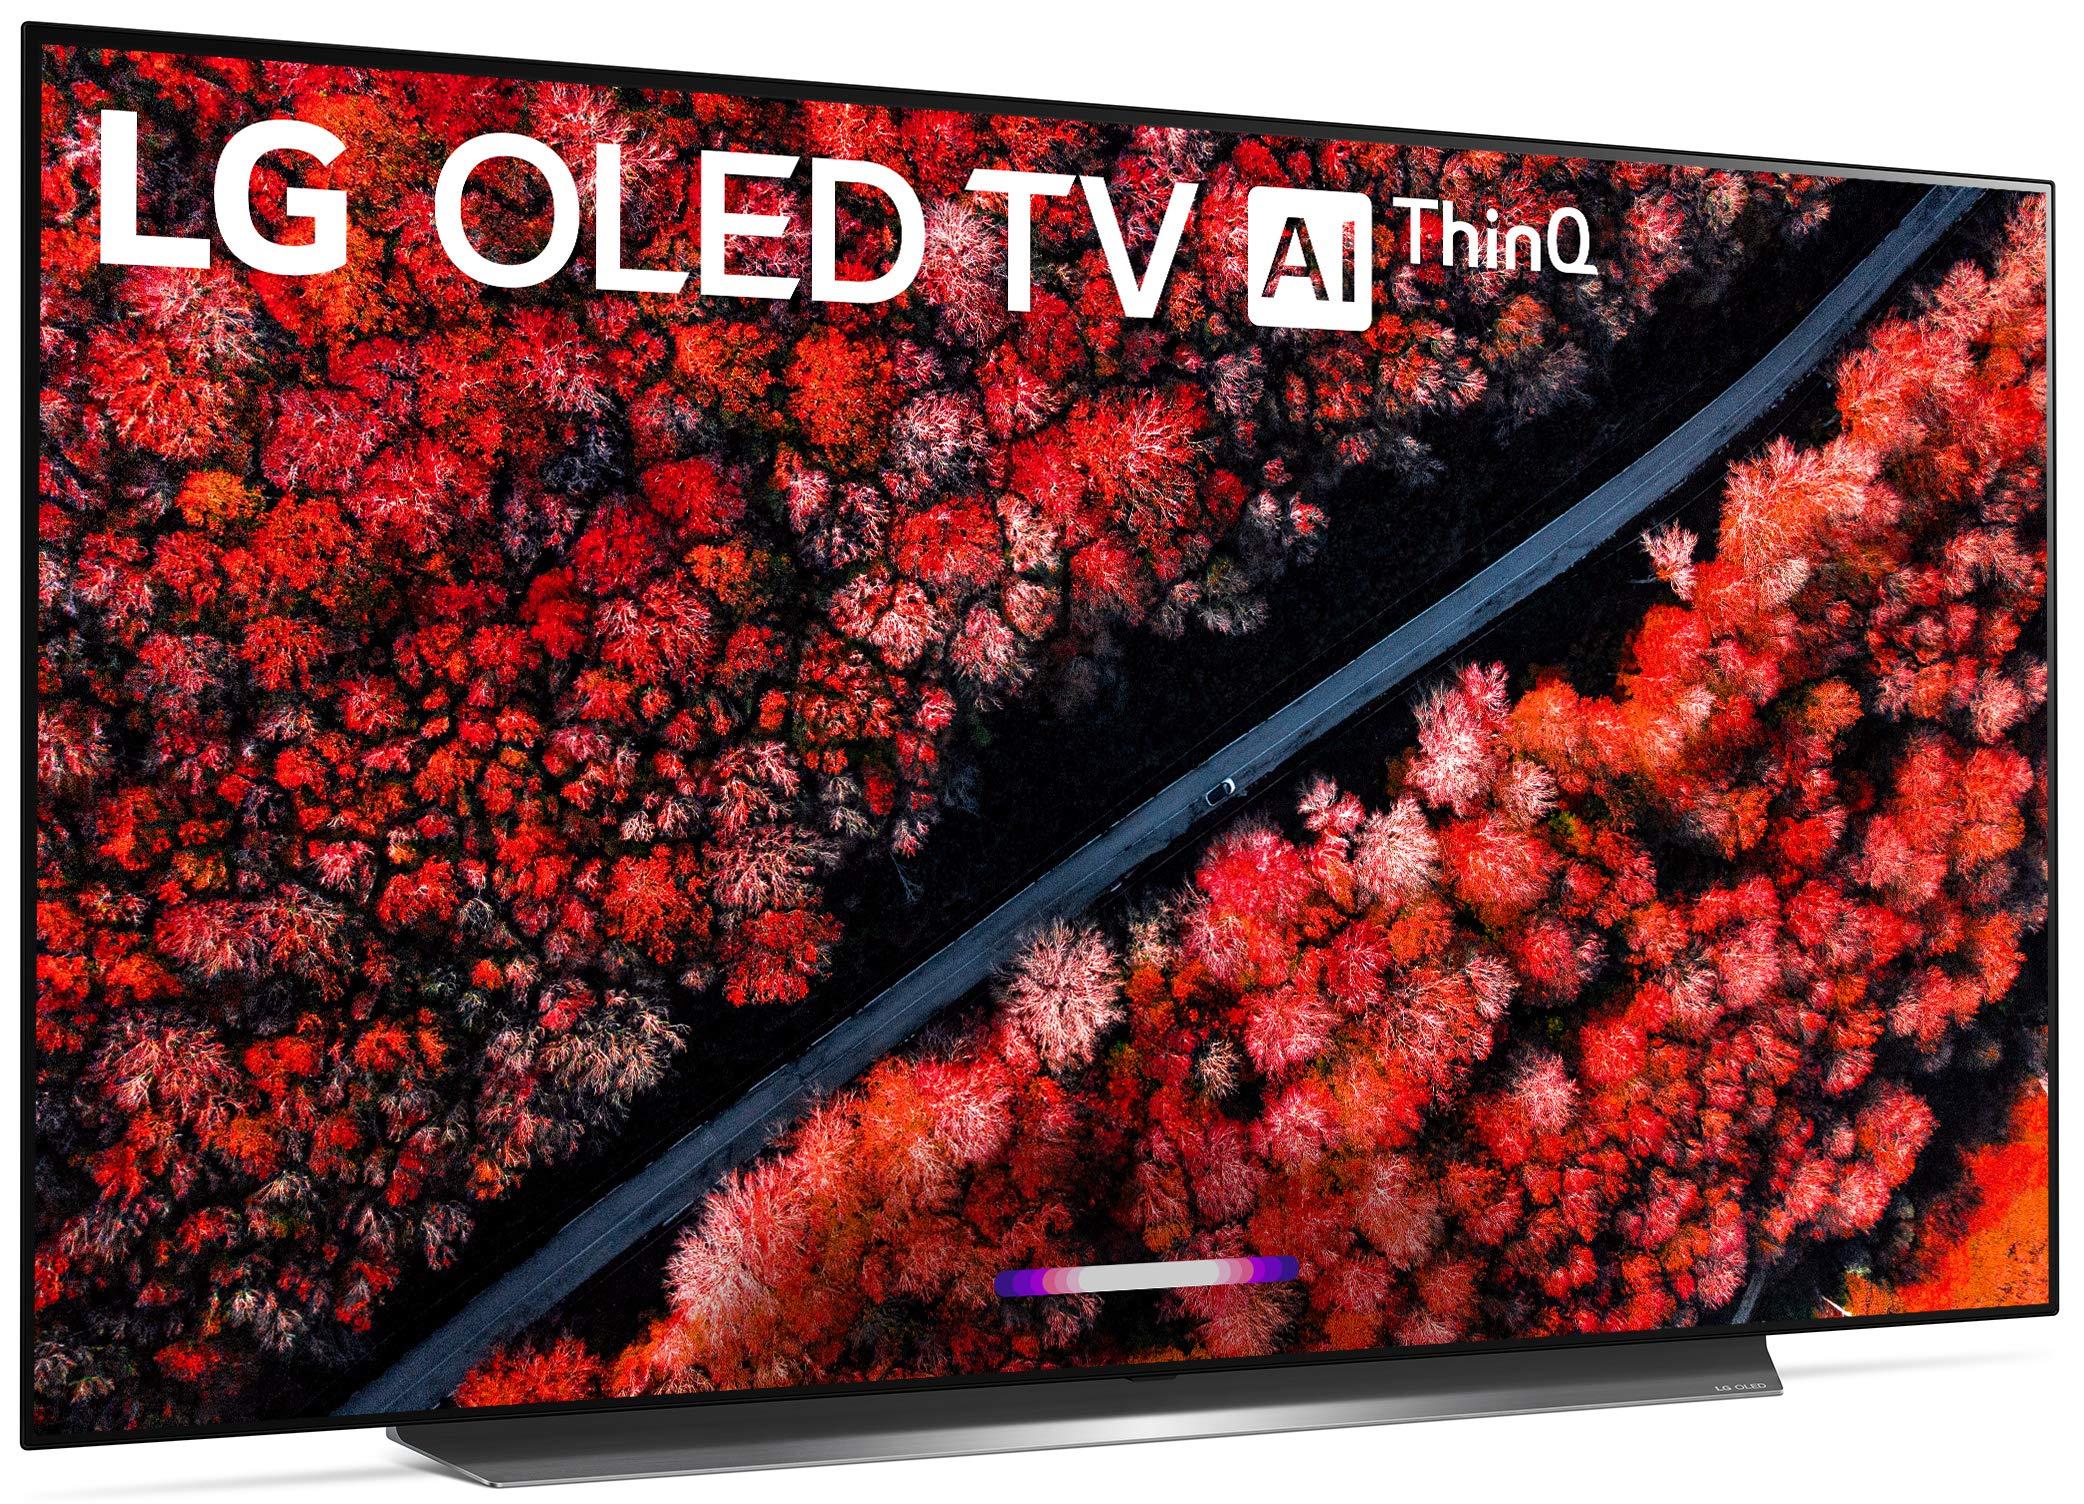 LG Electronics OLED55C9PUA C9 Series 3